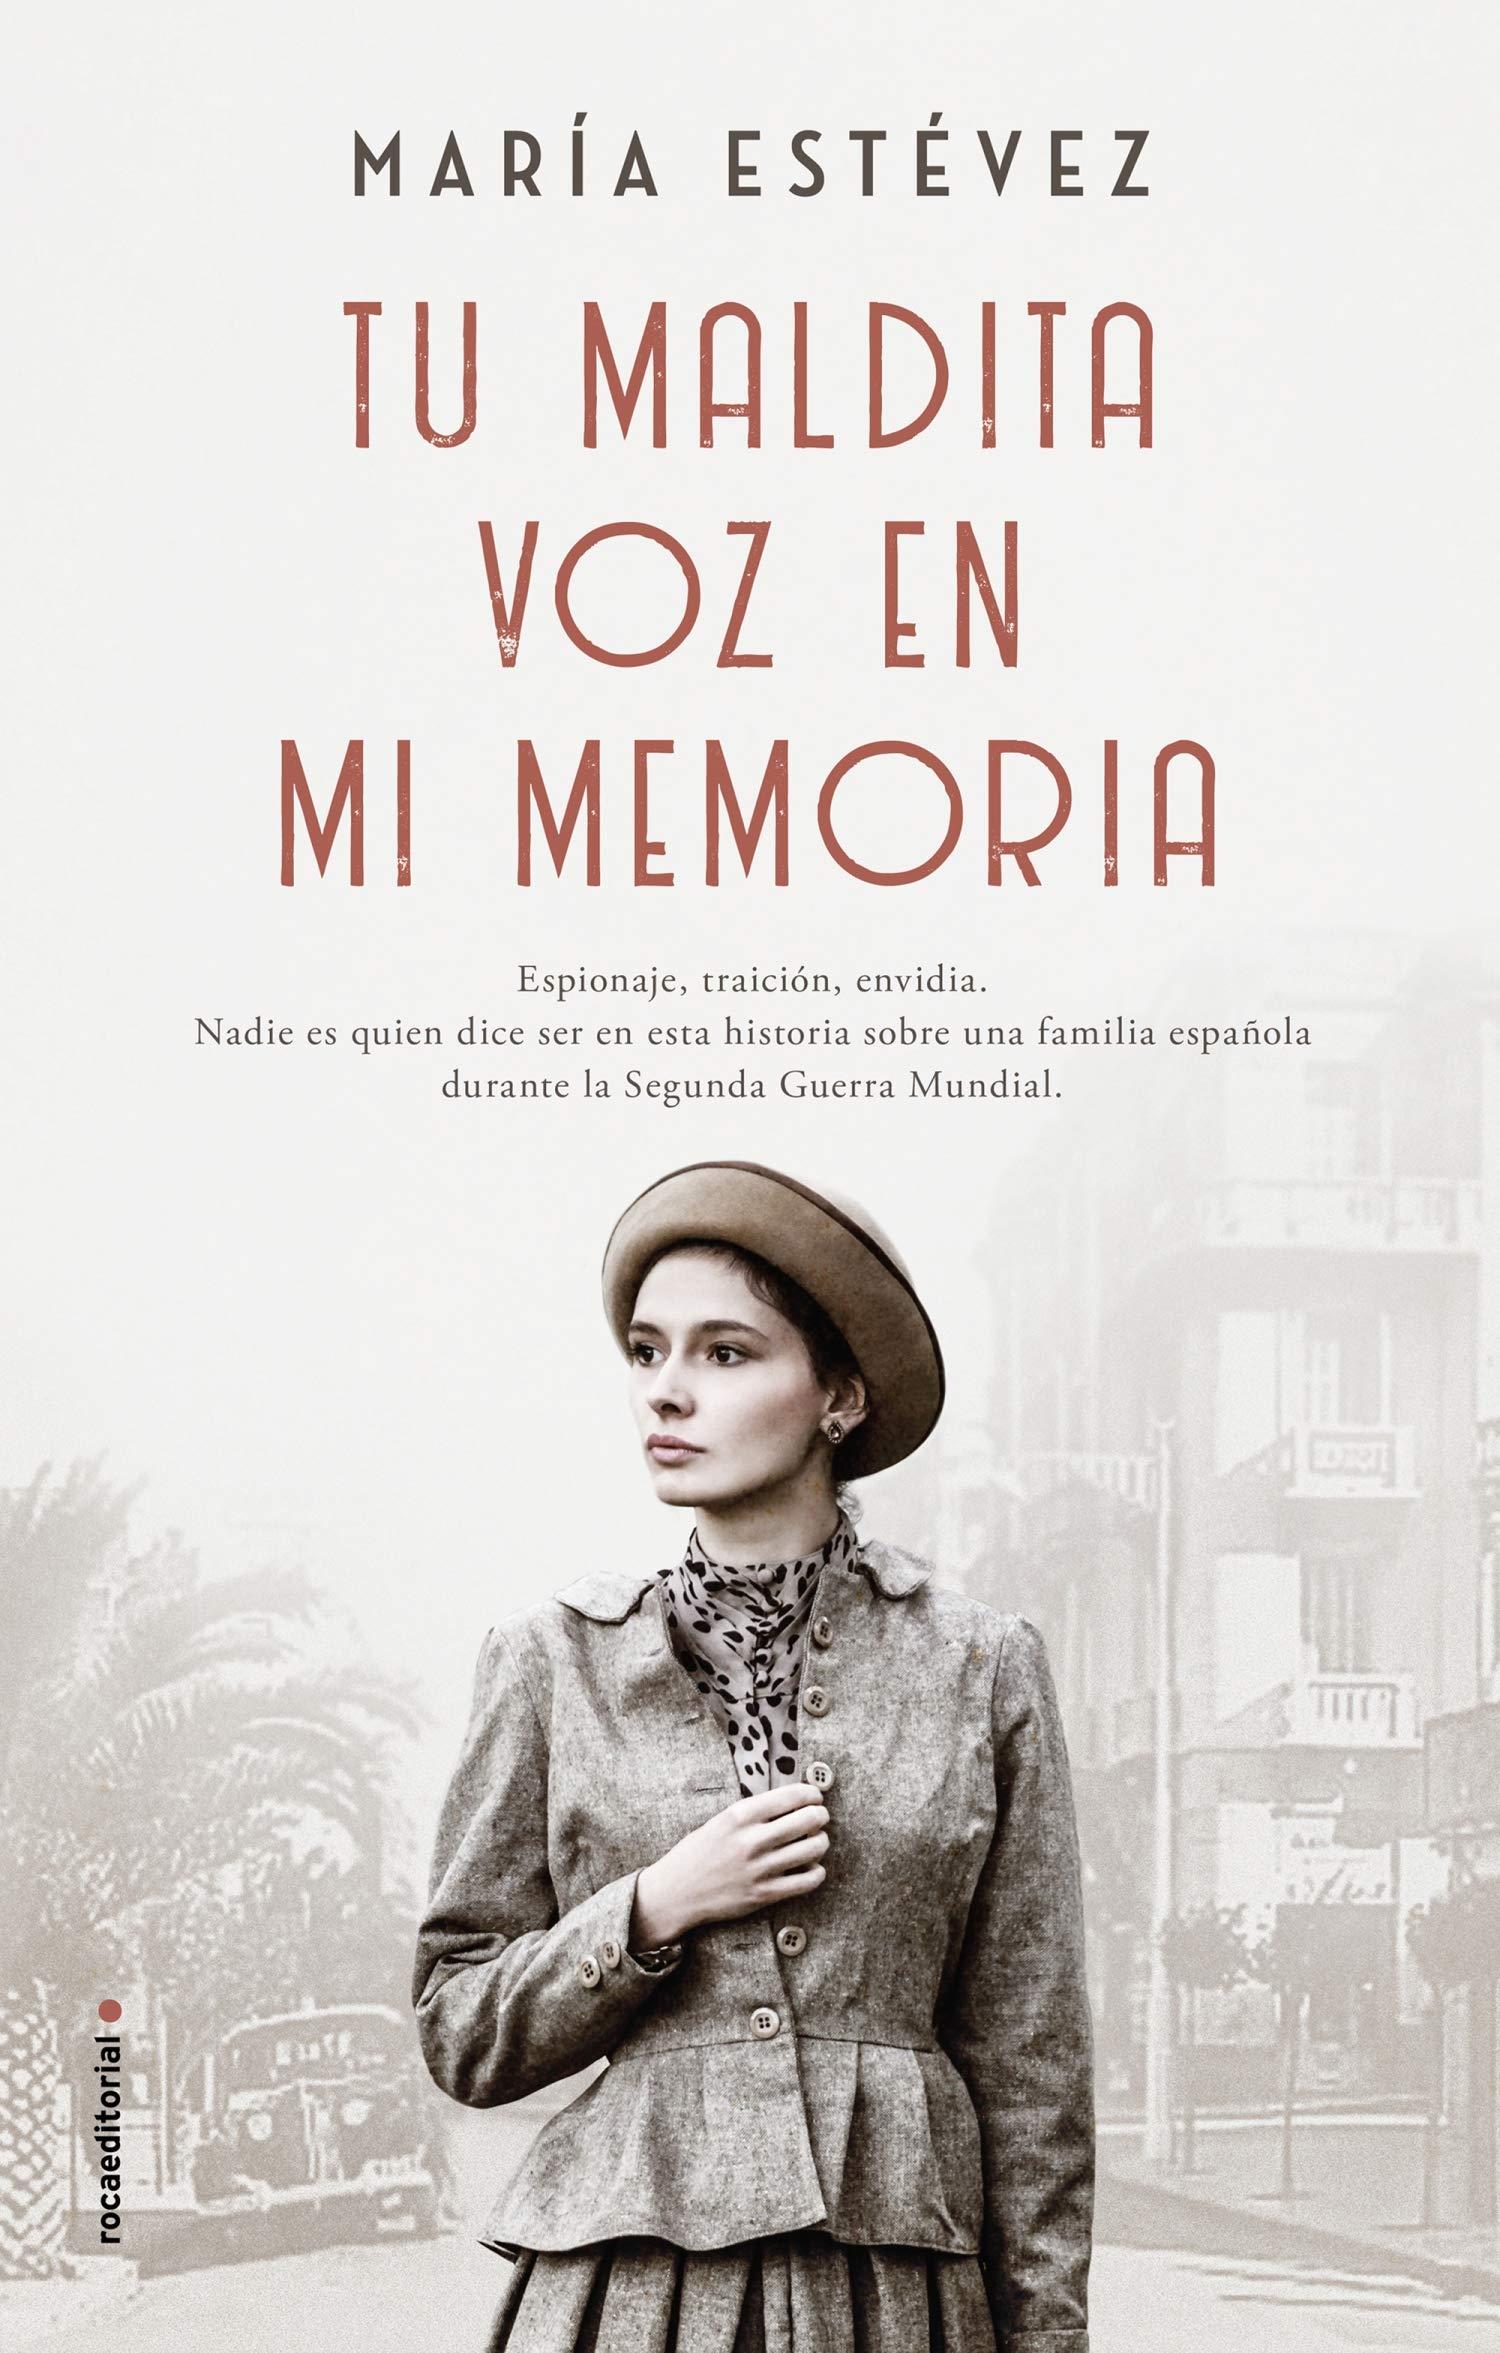 Tu maldita voz en mi memoria: Amazon.es: Estévez, María: Libros